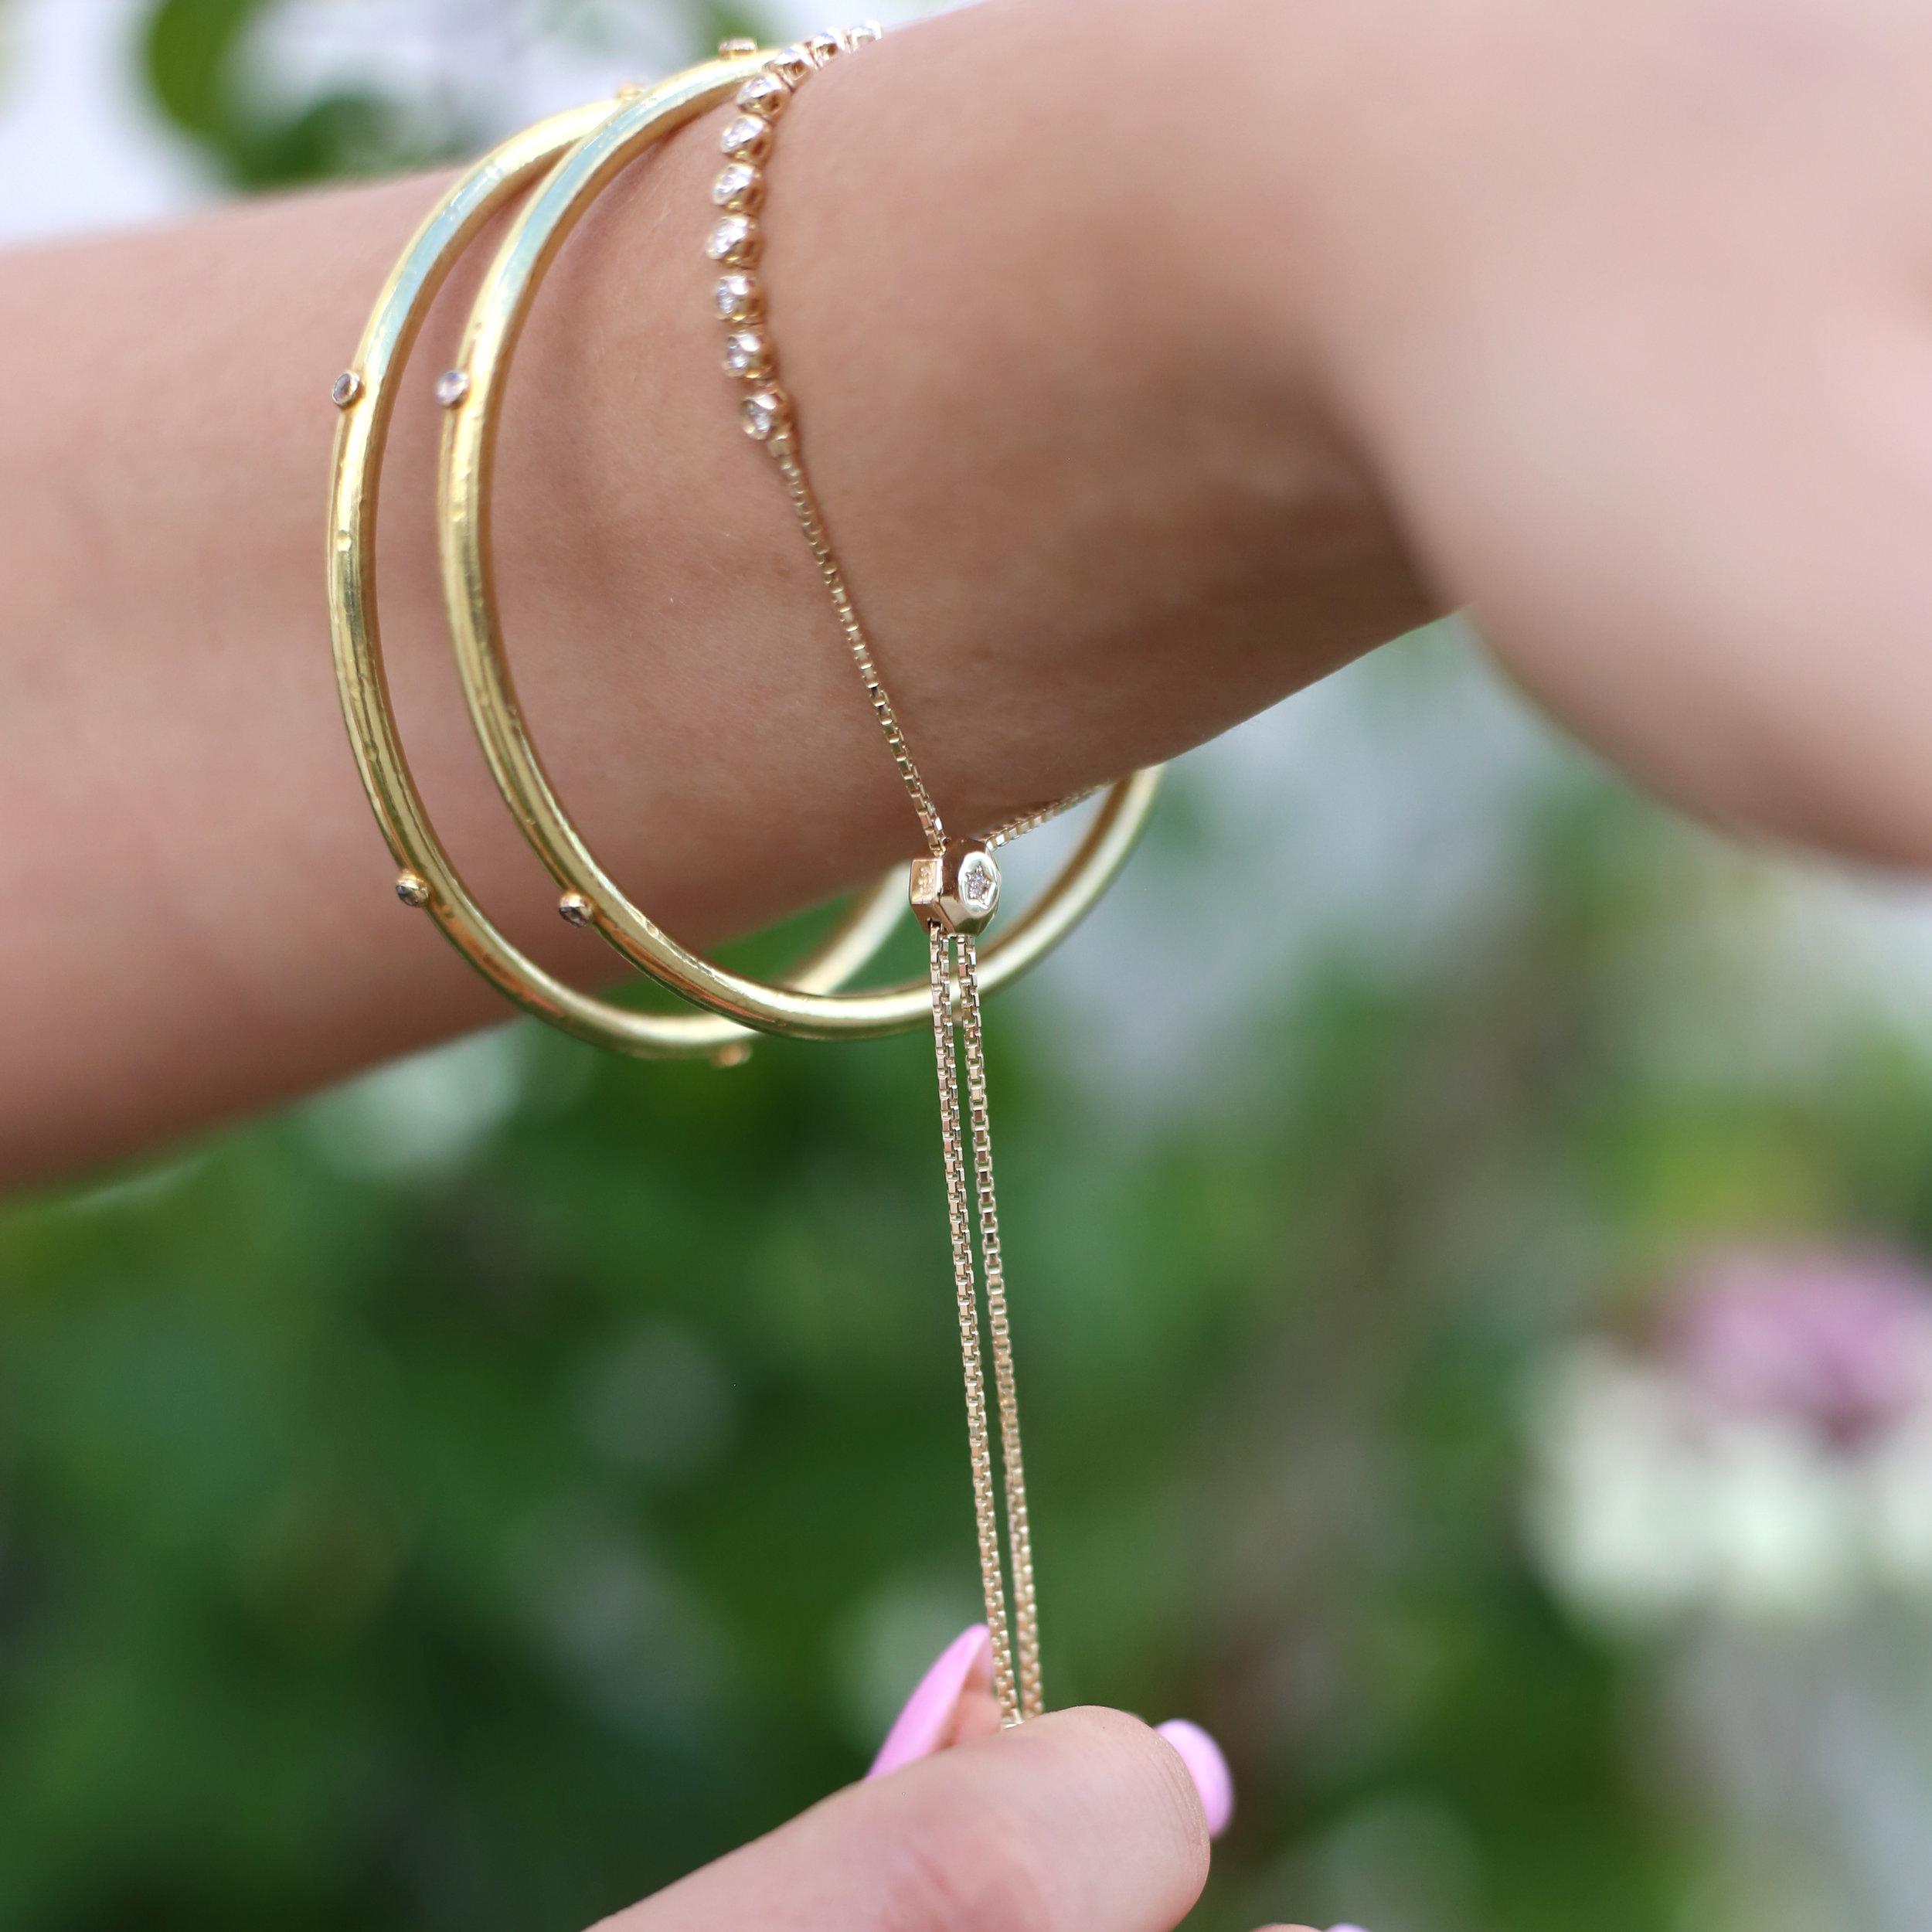 diamond_adjustable_tennis_bracelet.jpg